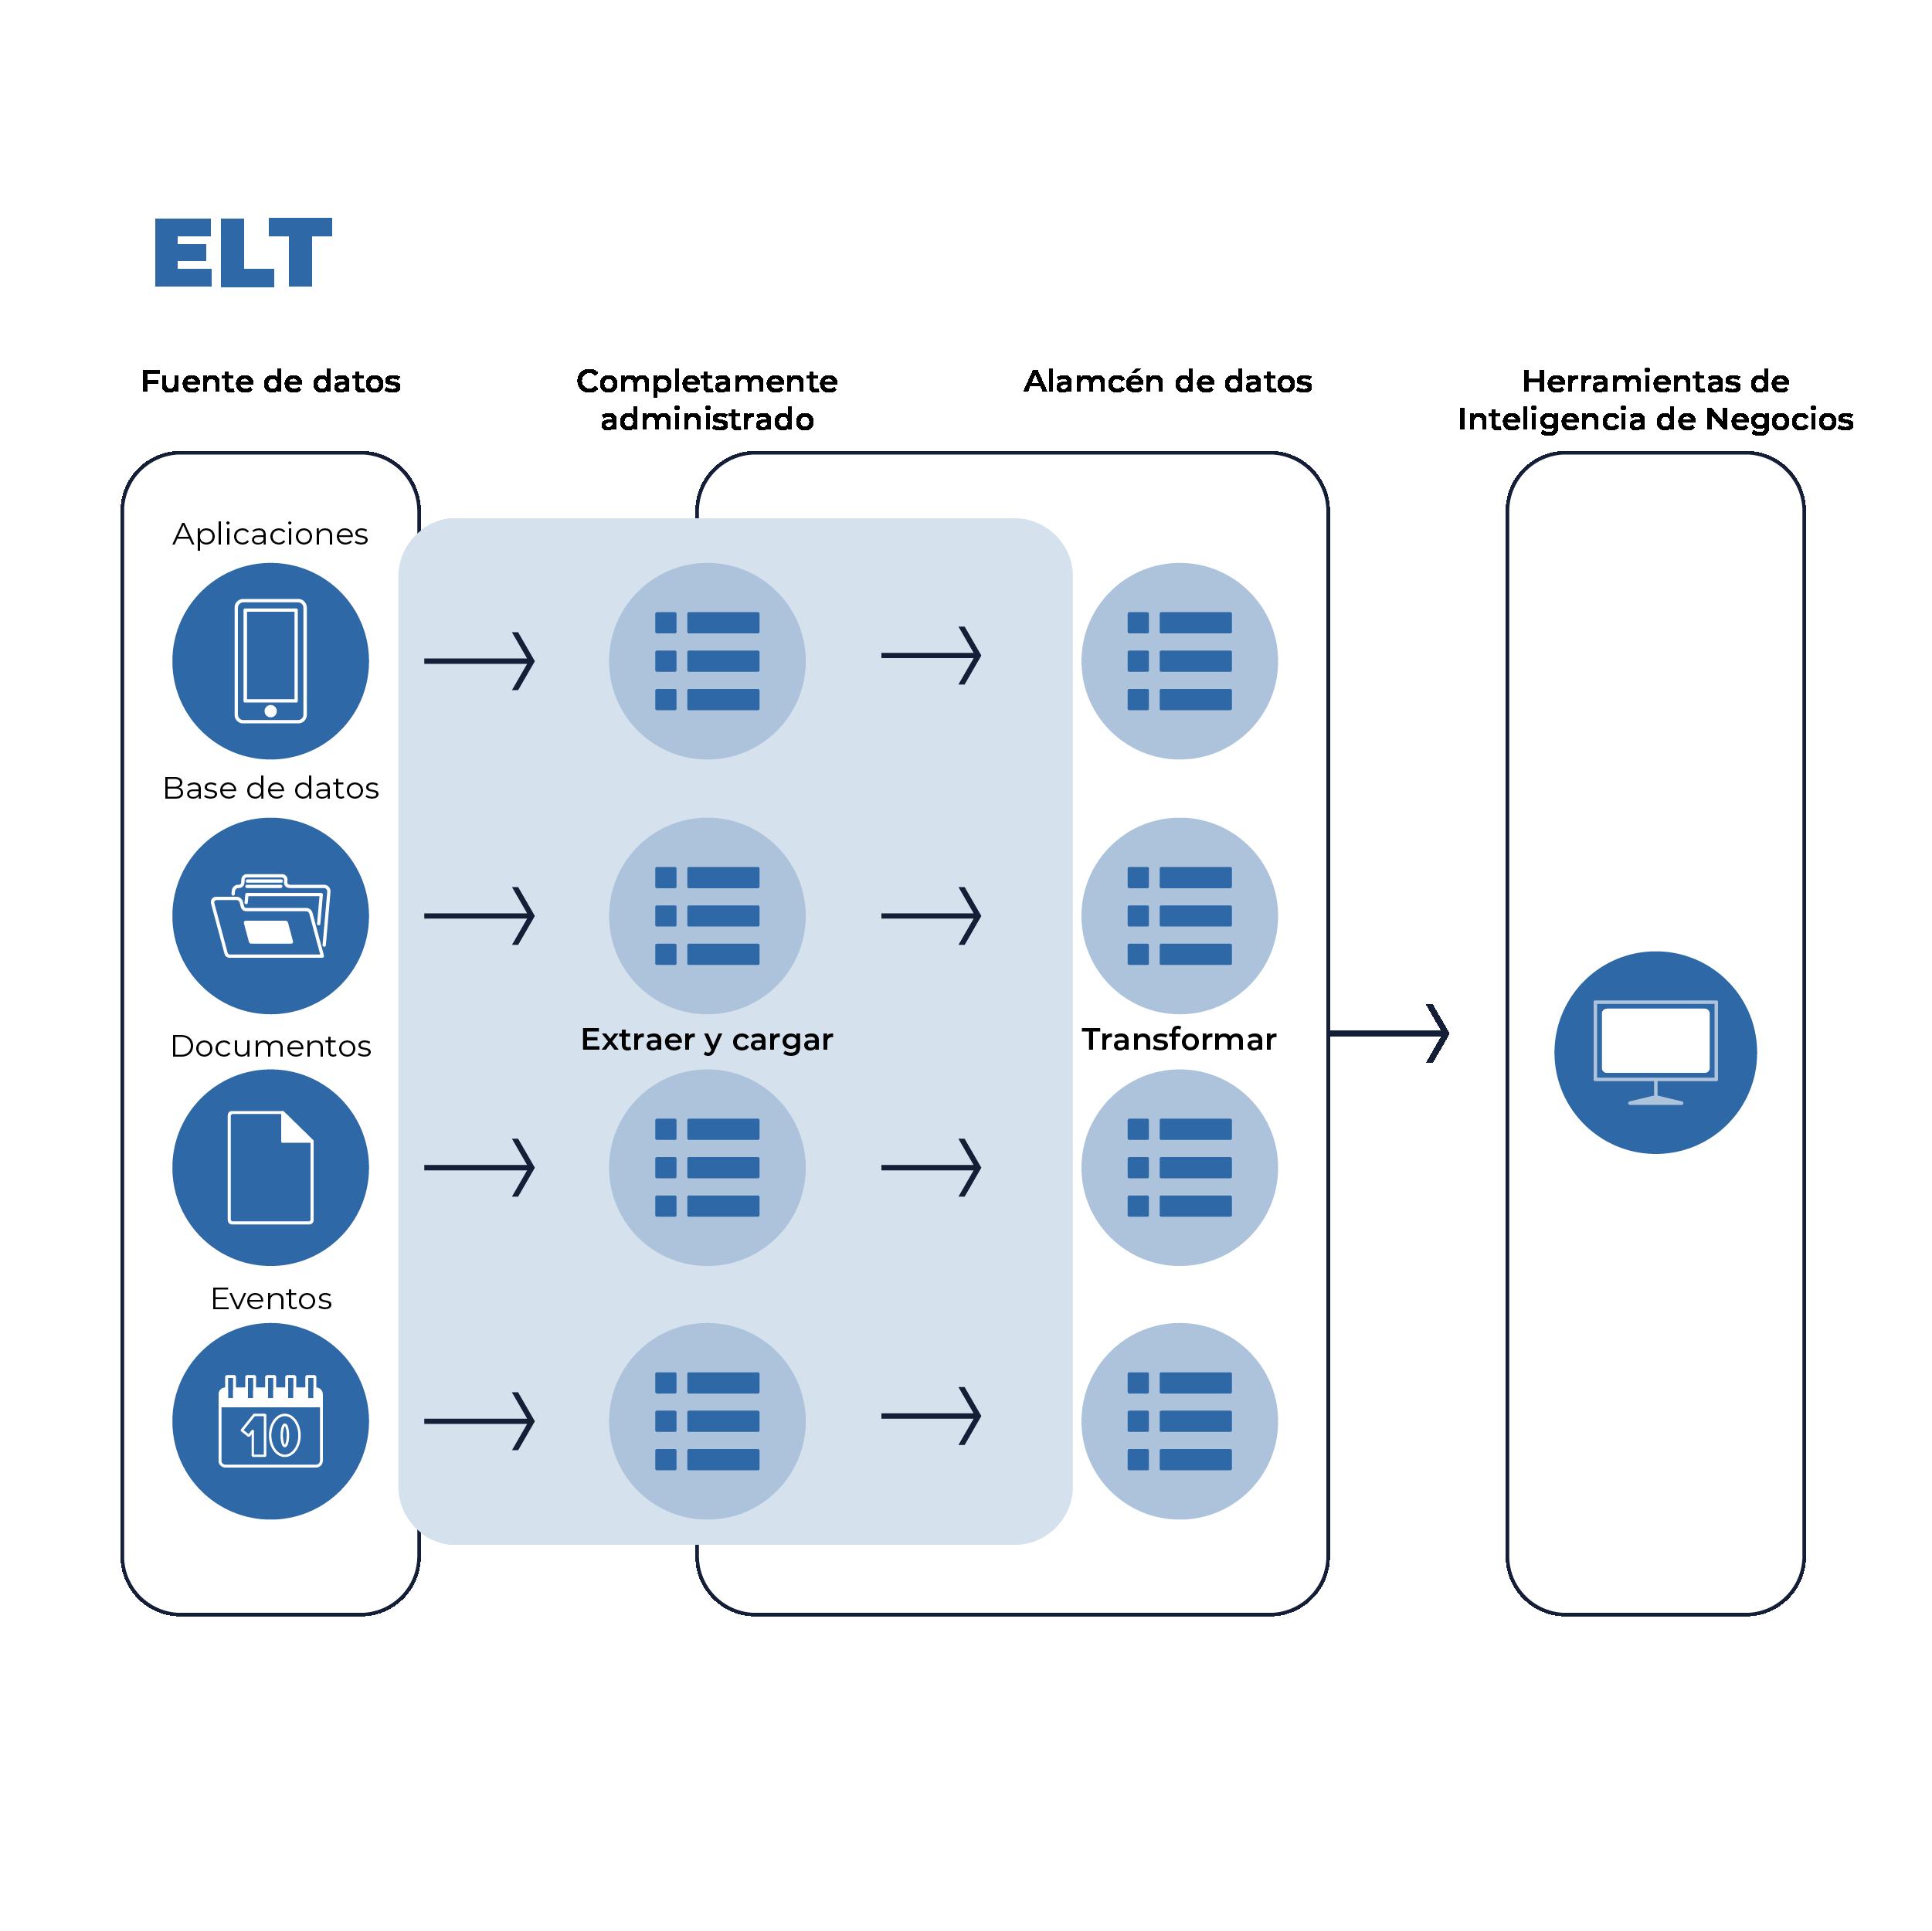 Imagen 2. Características ELT